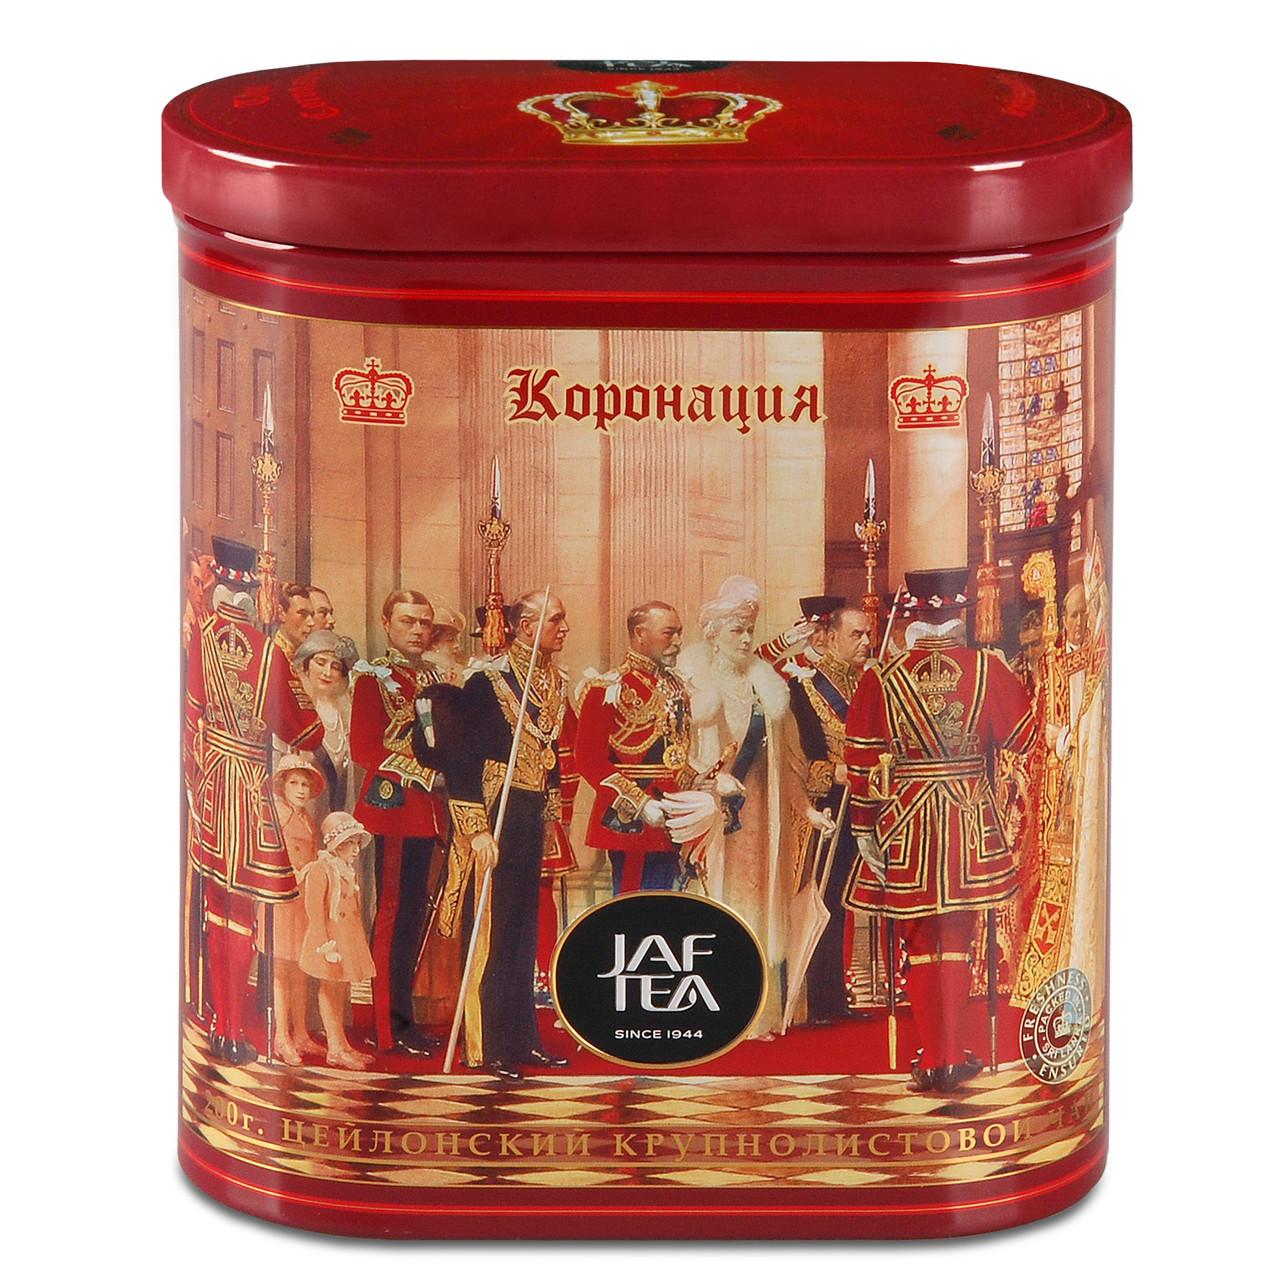 Чай Джаф Ти Коронация черный цейлонский крупнолистовой 200 грамм в жестяной банке